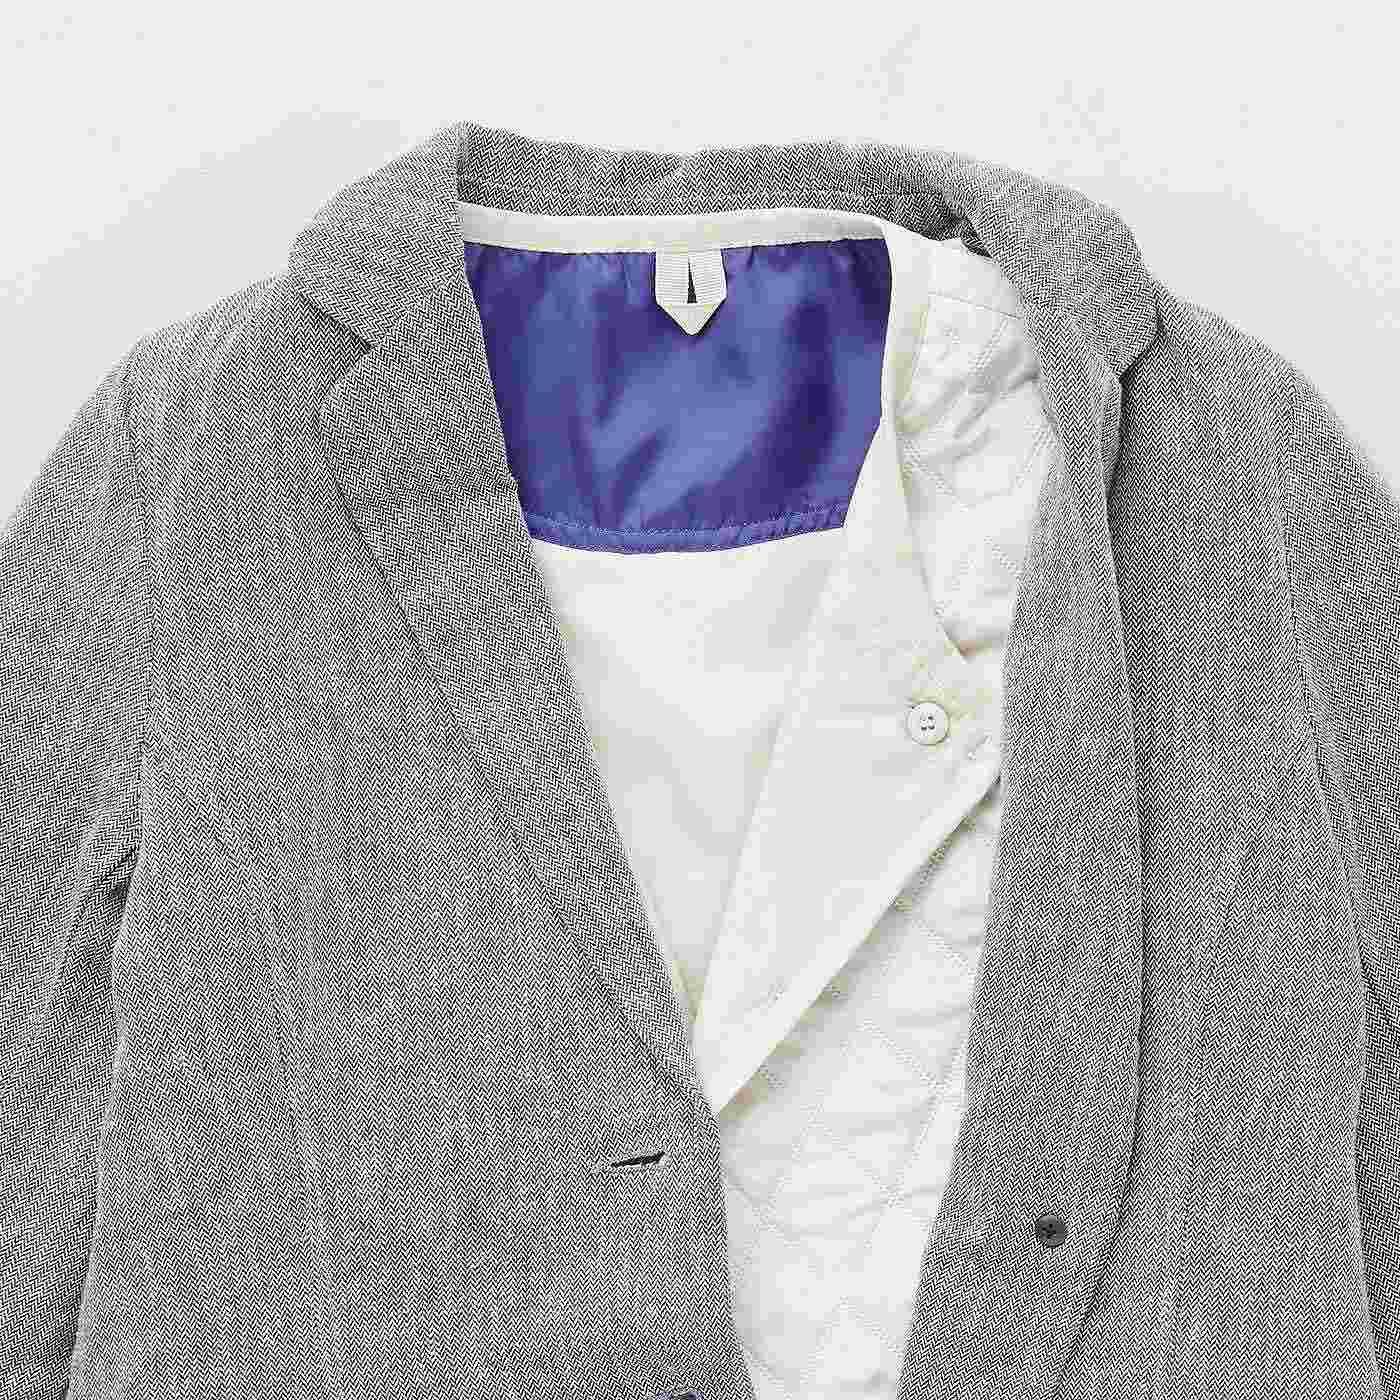 ボタンを留めてVネックにすると、ジャケットの衿を邪魔せずすっきり。 ※お届けするカラーとは異なります。